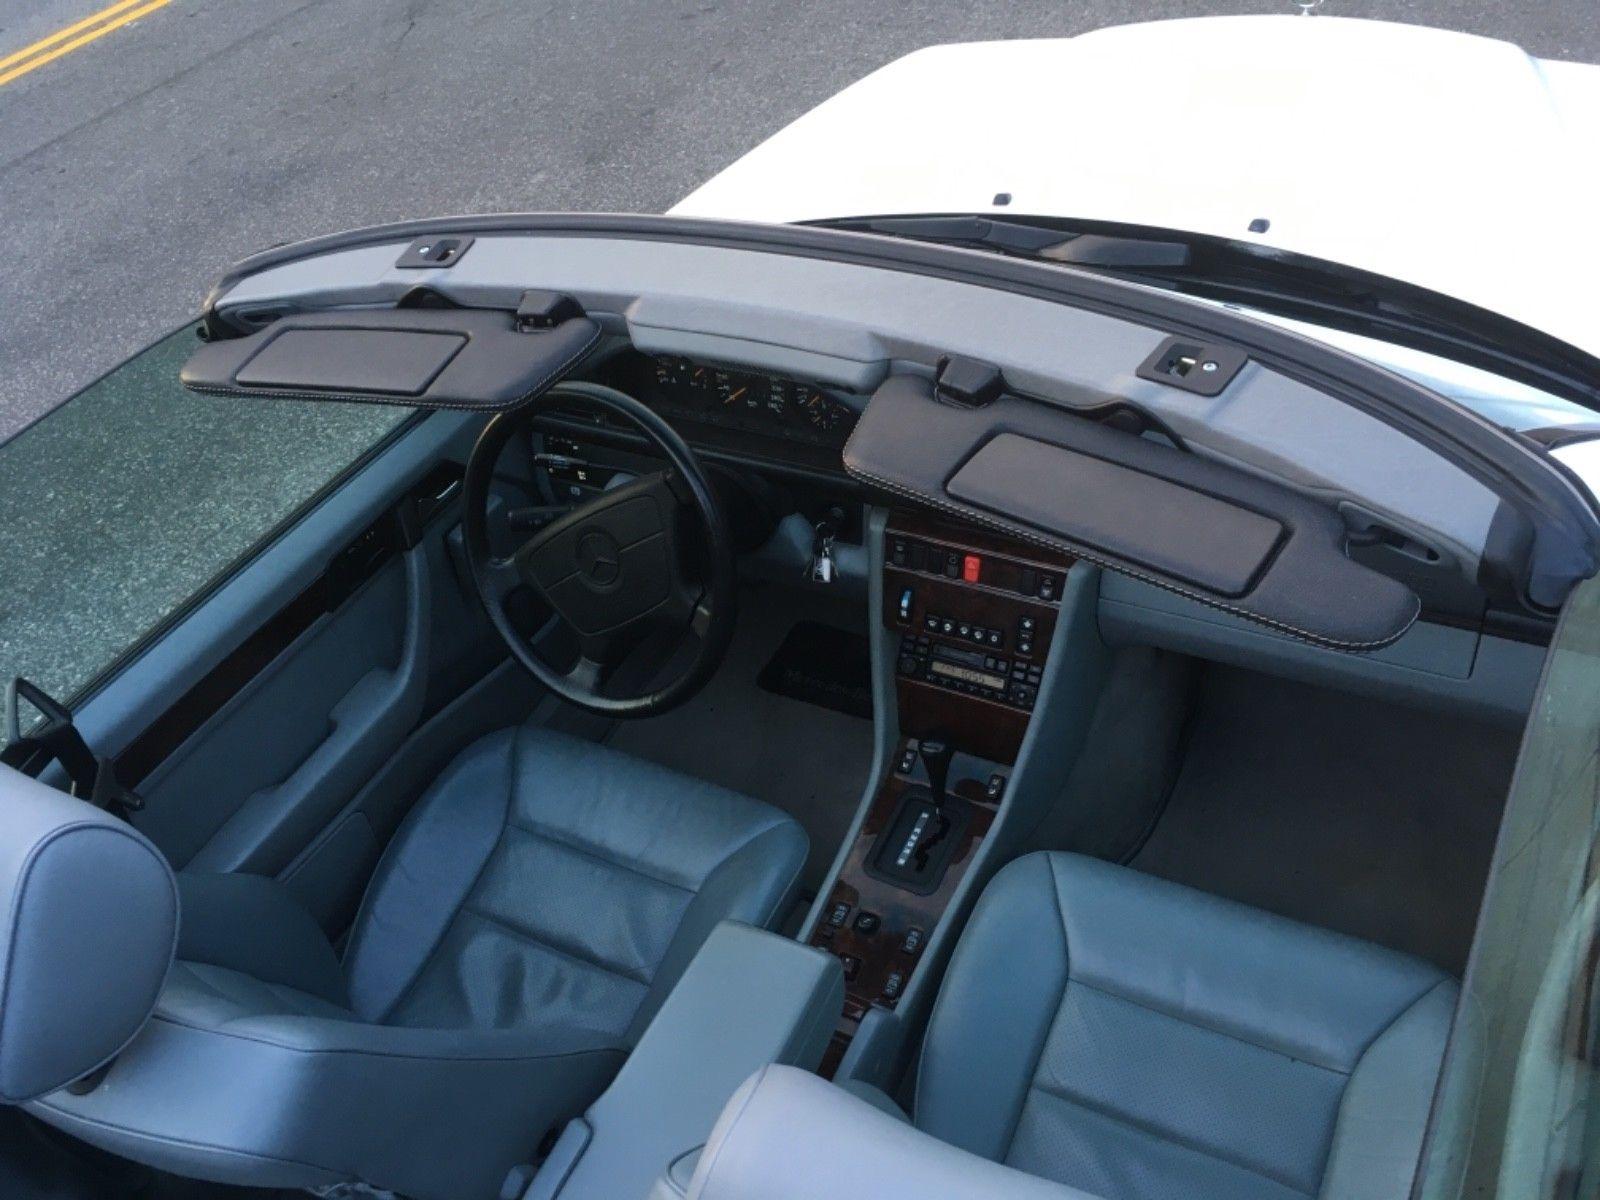 1995 Mercedes-Benz E-Class interior